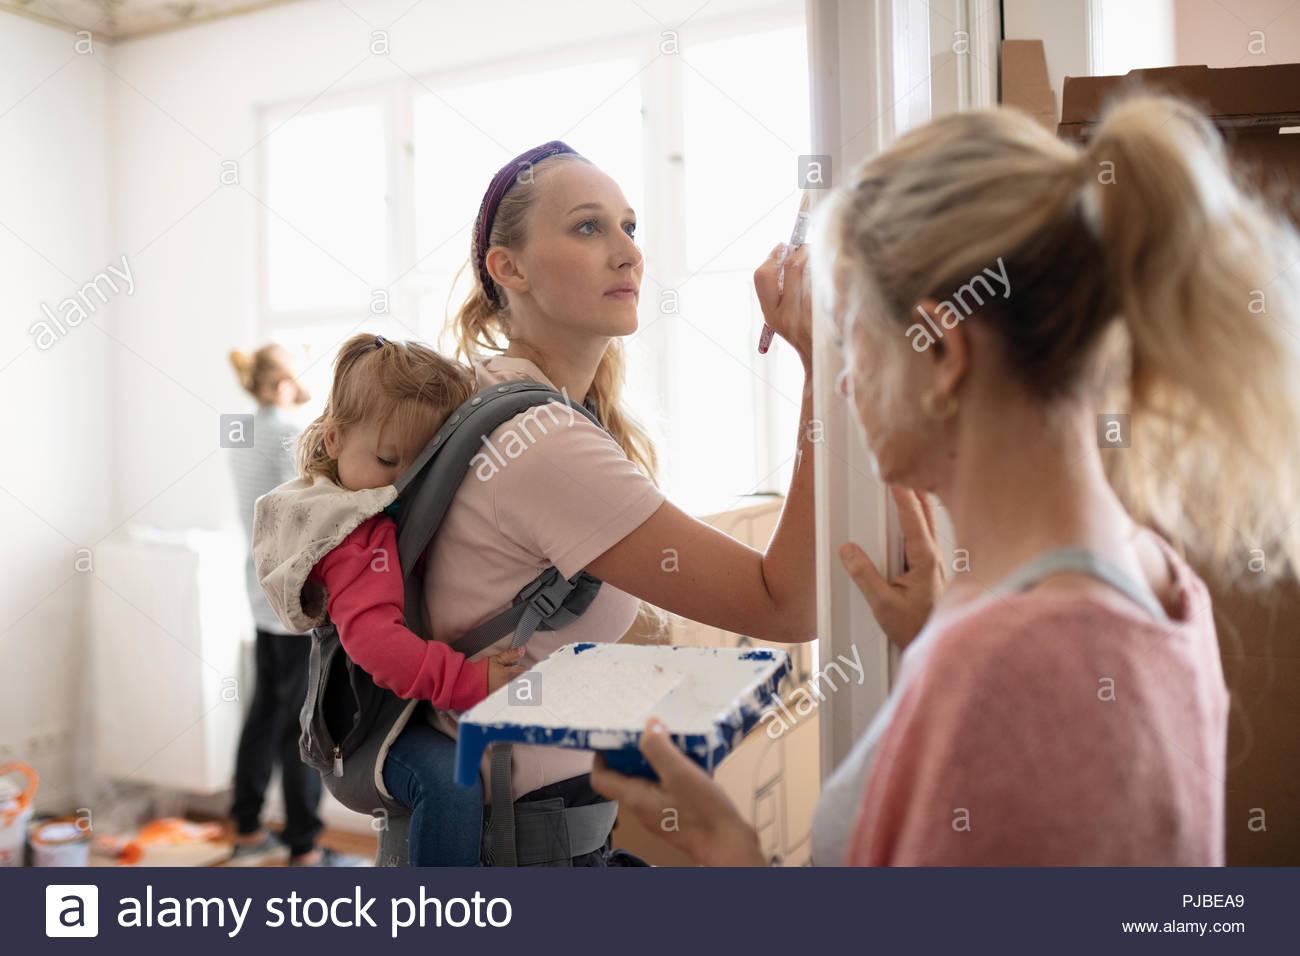 DIY pittura madre con bambino figlia in baby carrier Immagini Stock